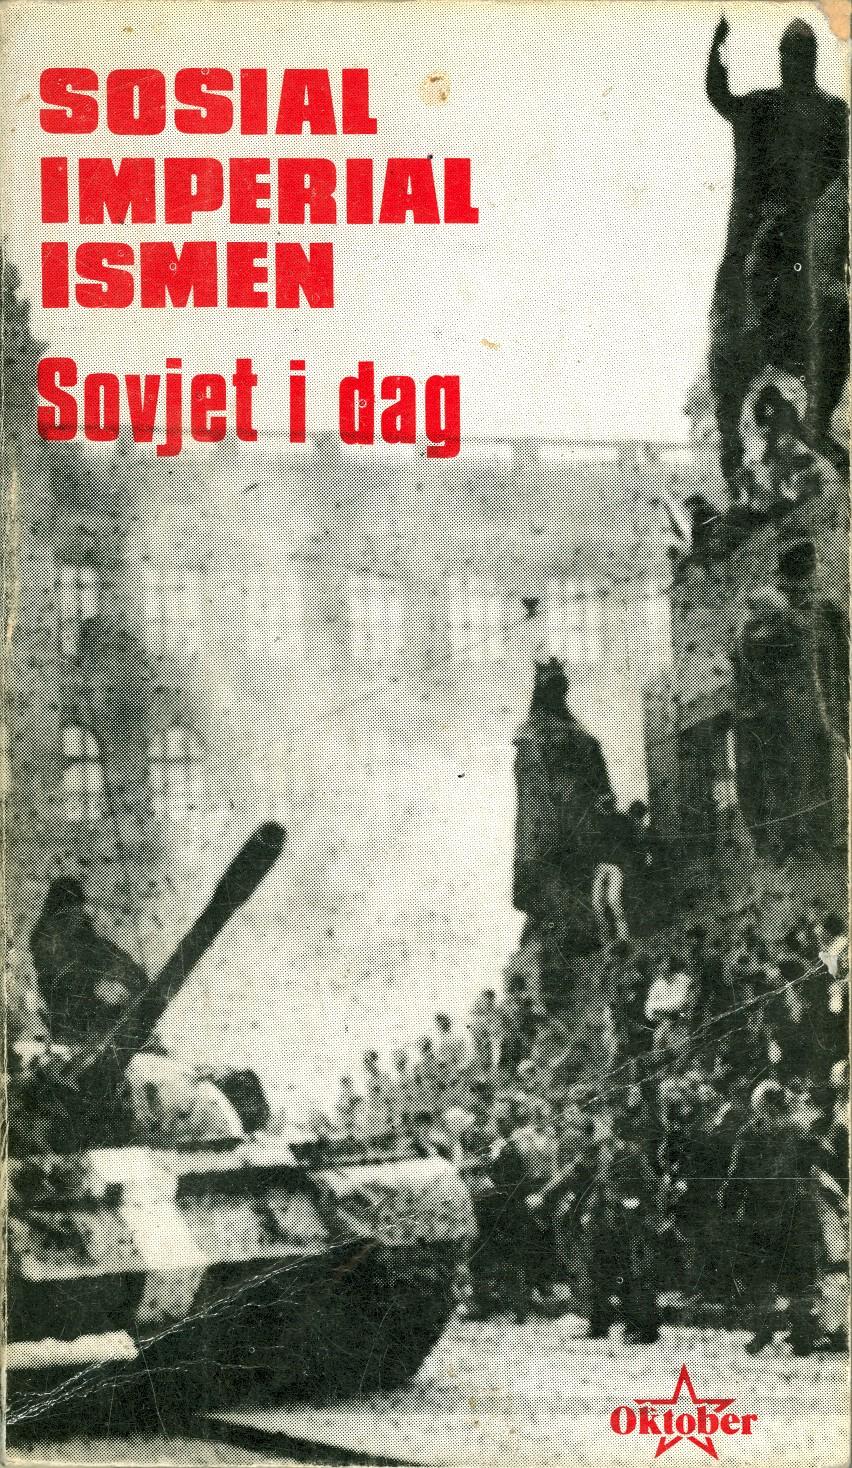 AKP (m-l): Sosialimperialismen - Sovjet i dag